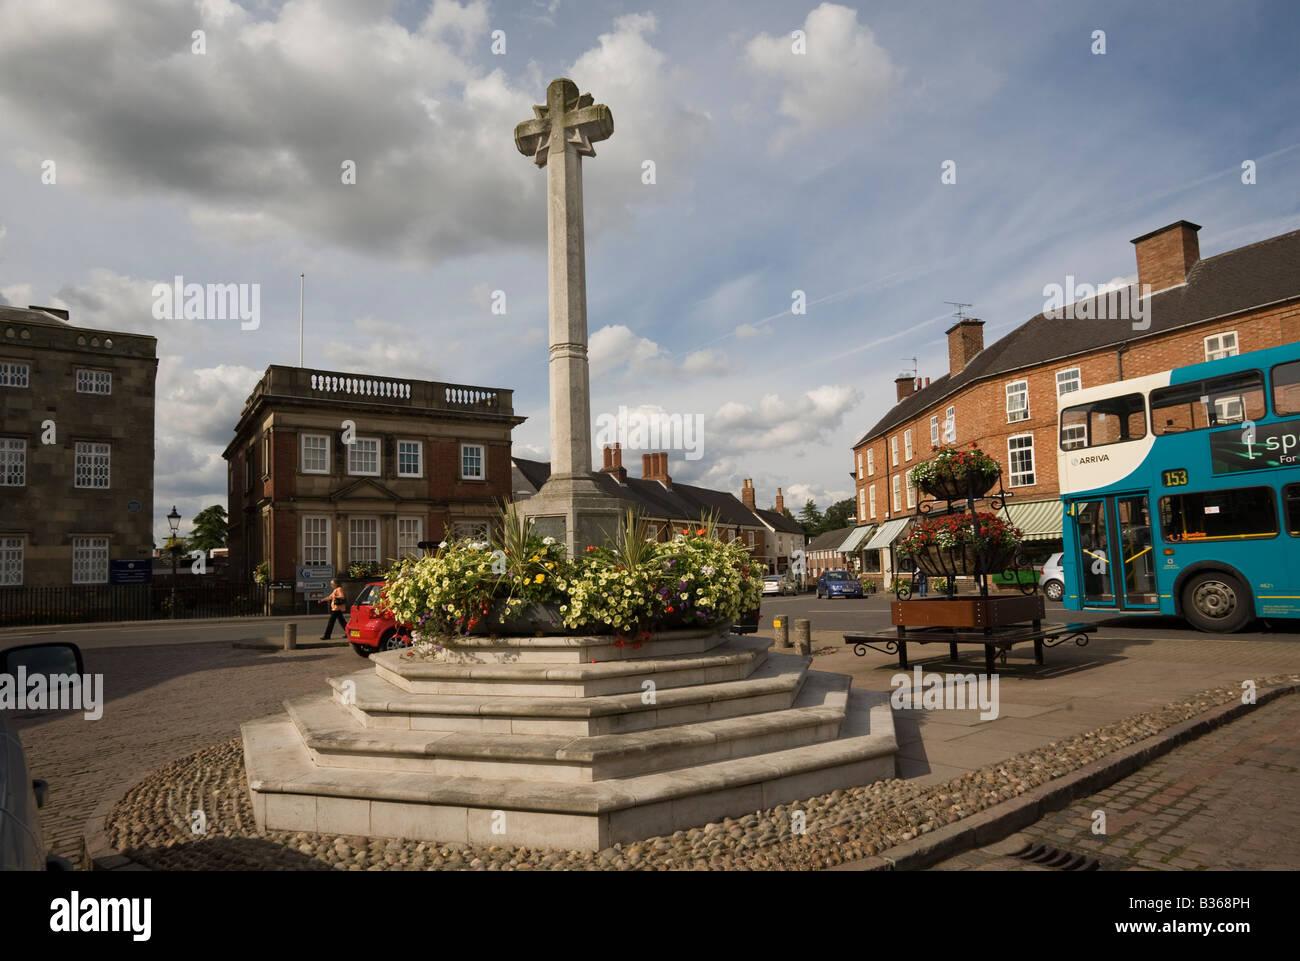 Market Place Market Bosworth Leicestershire England UK - Stock Image